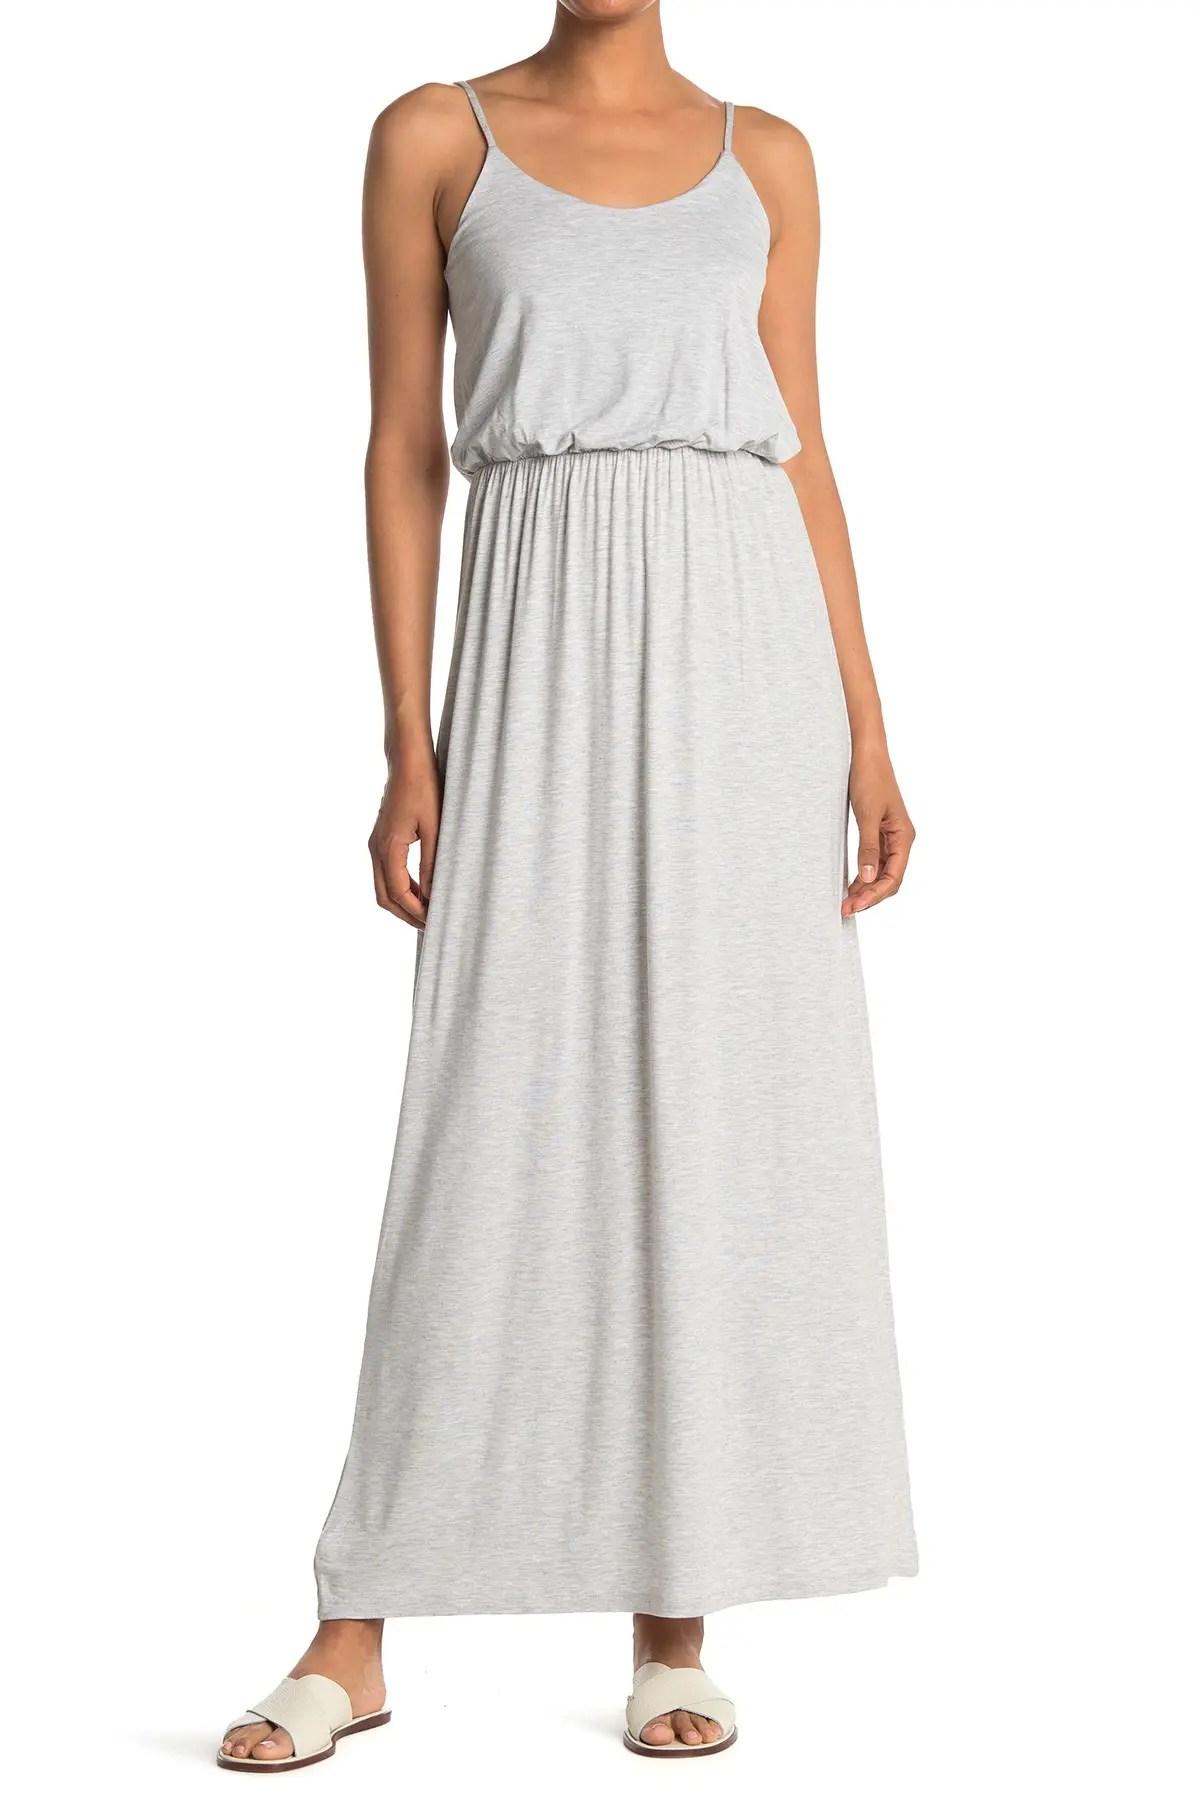 maxi dresses for women nordstrom rack